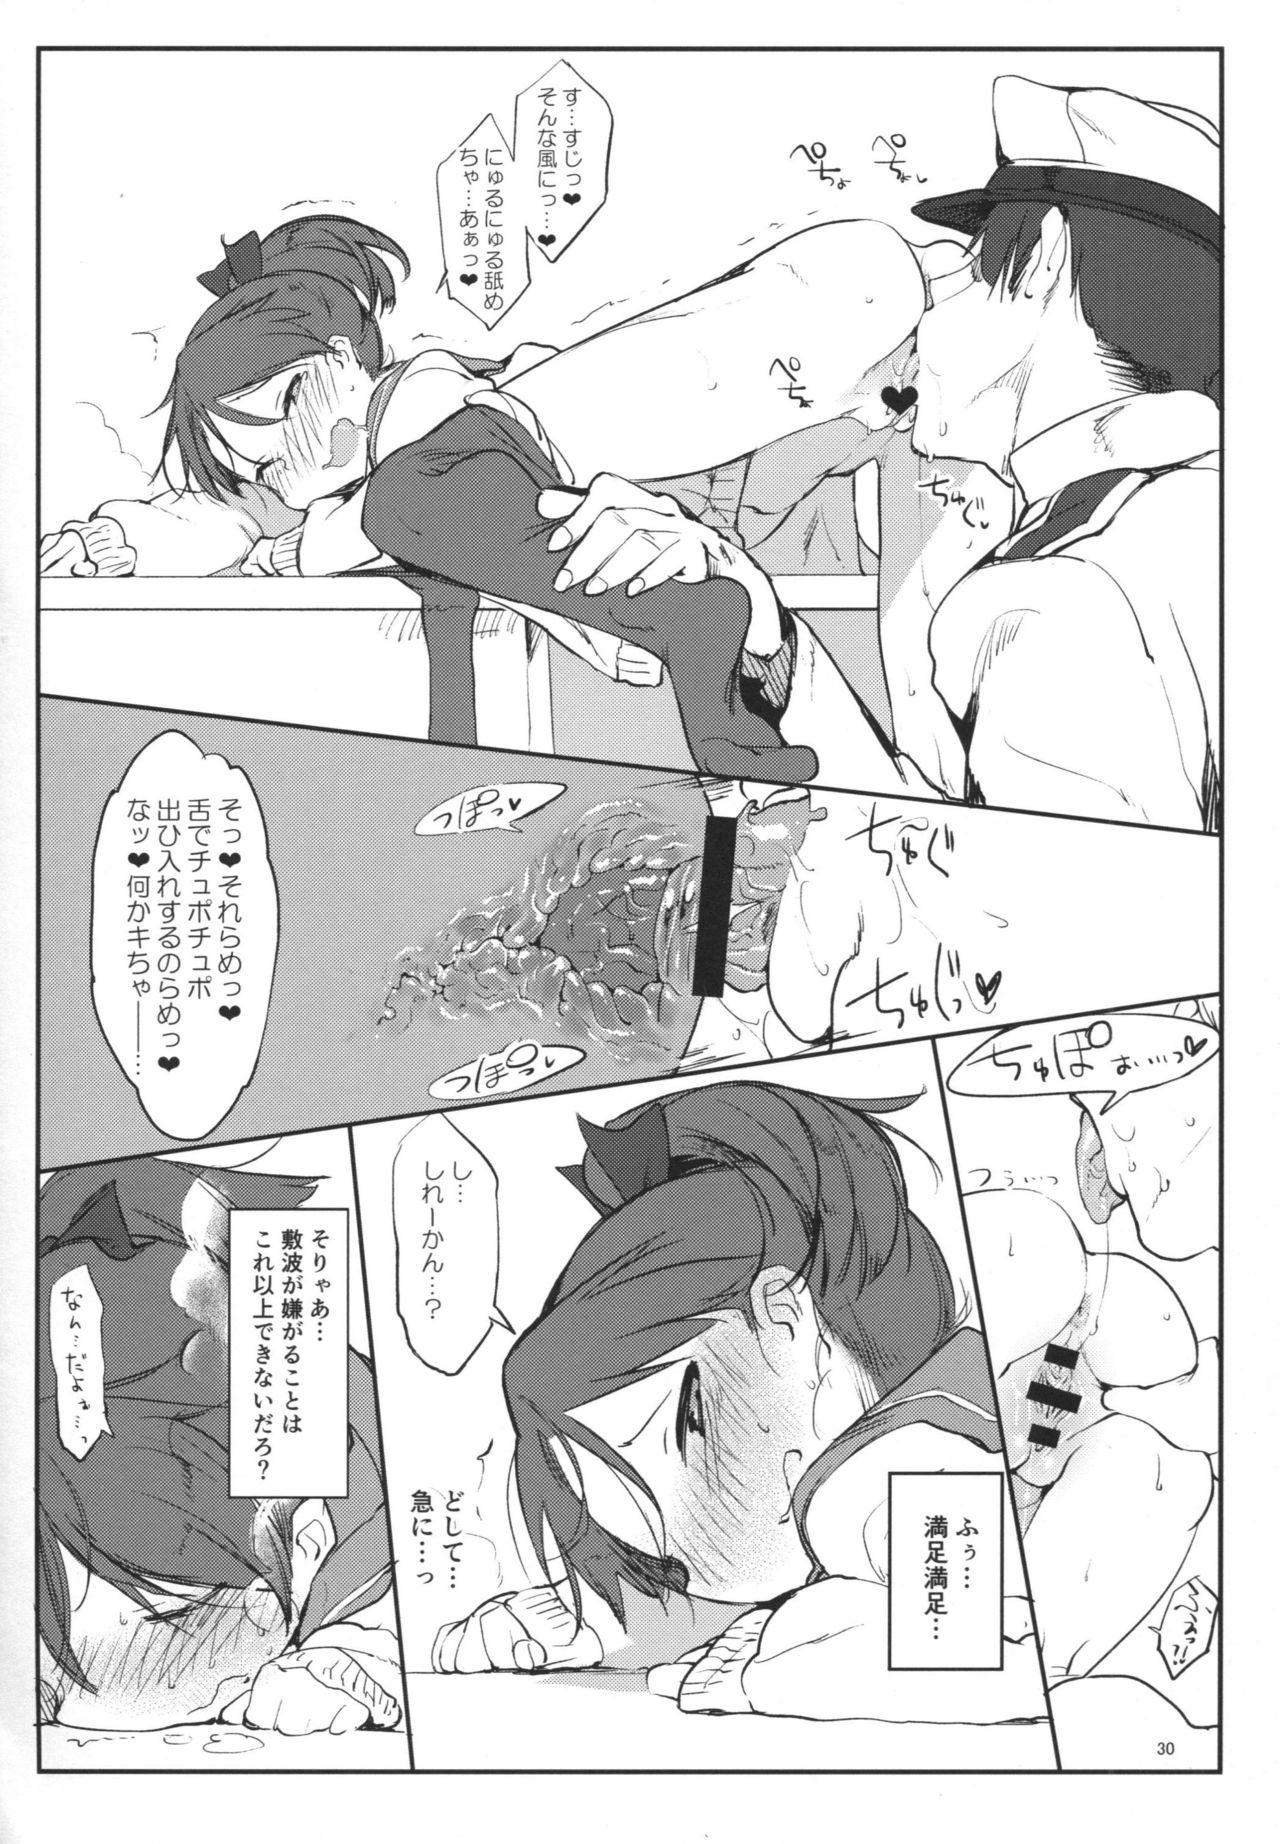 Hentai Selection 28